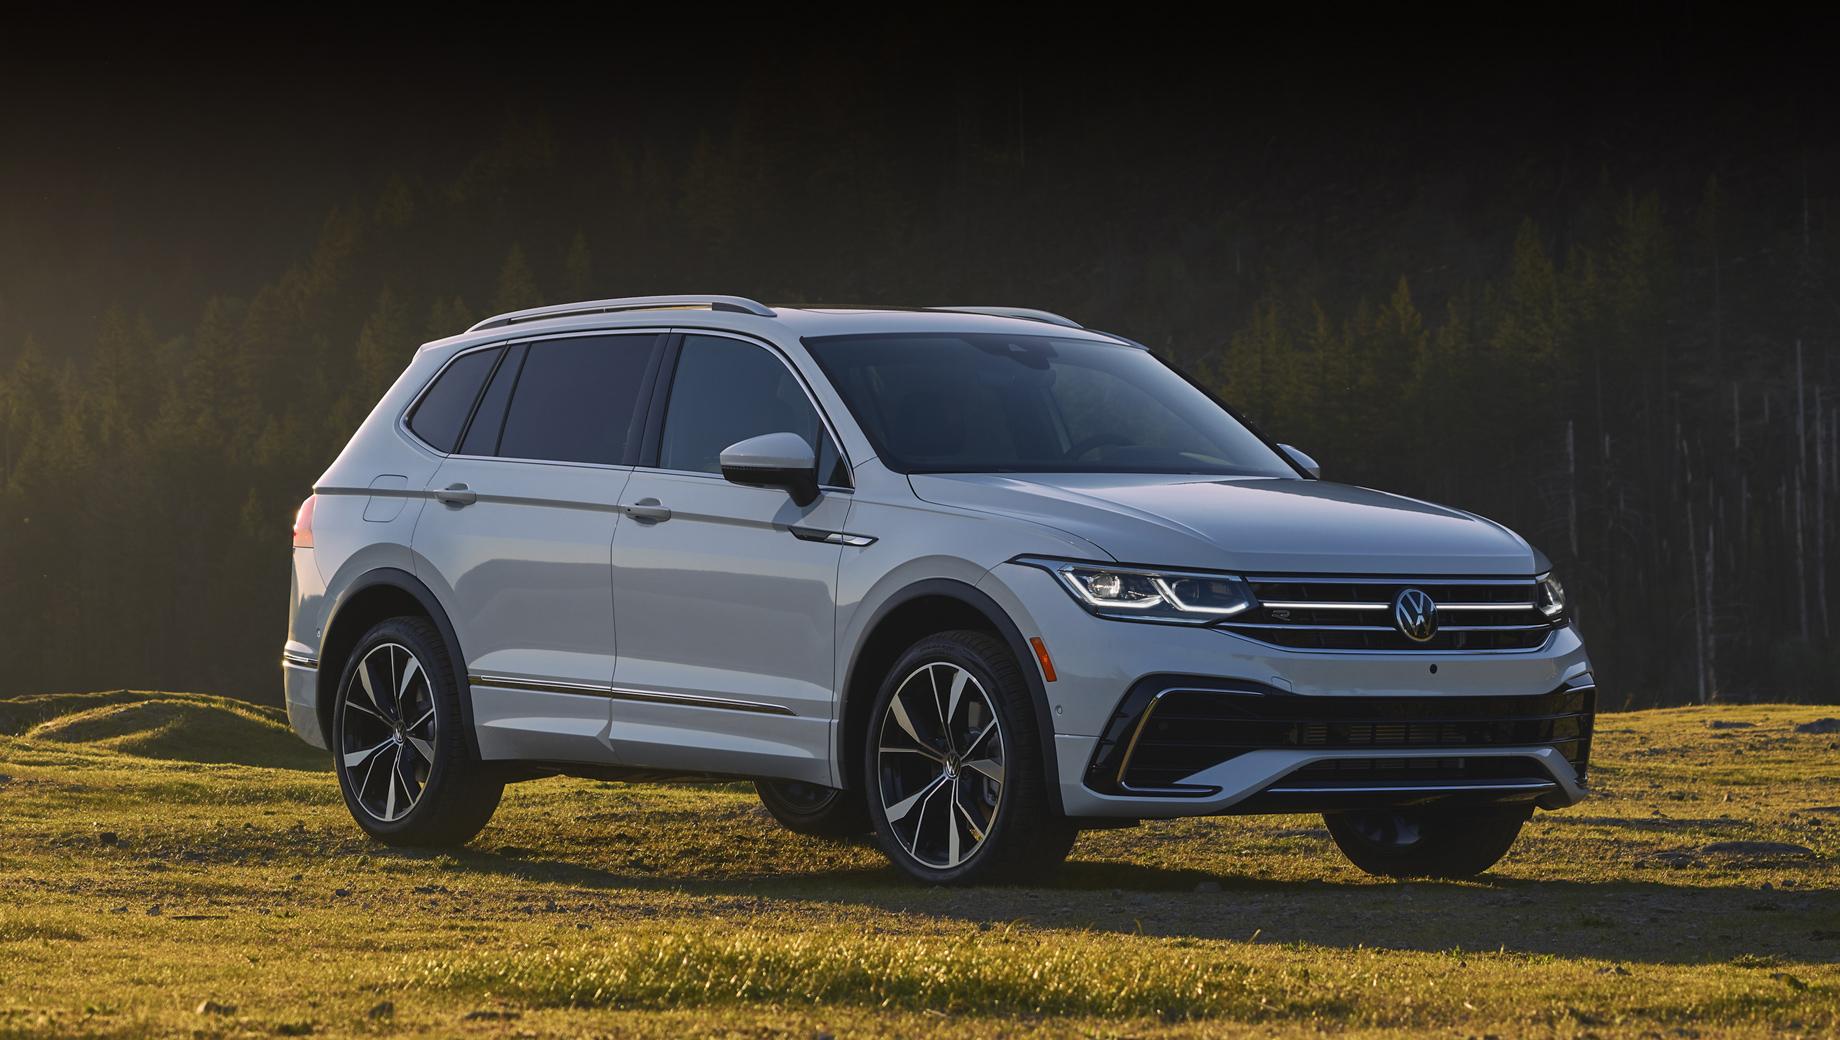 Volkswagen tiguan,Volkswagen tiguan allspace. Наиболее существенно переработана передняя часть с новыми светодиодными фарами (в виде опции доступны матричные IQ.Light), световой полосой на решётке и перекроенным бампером.